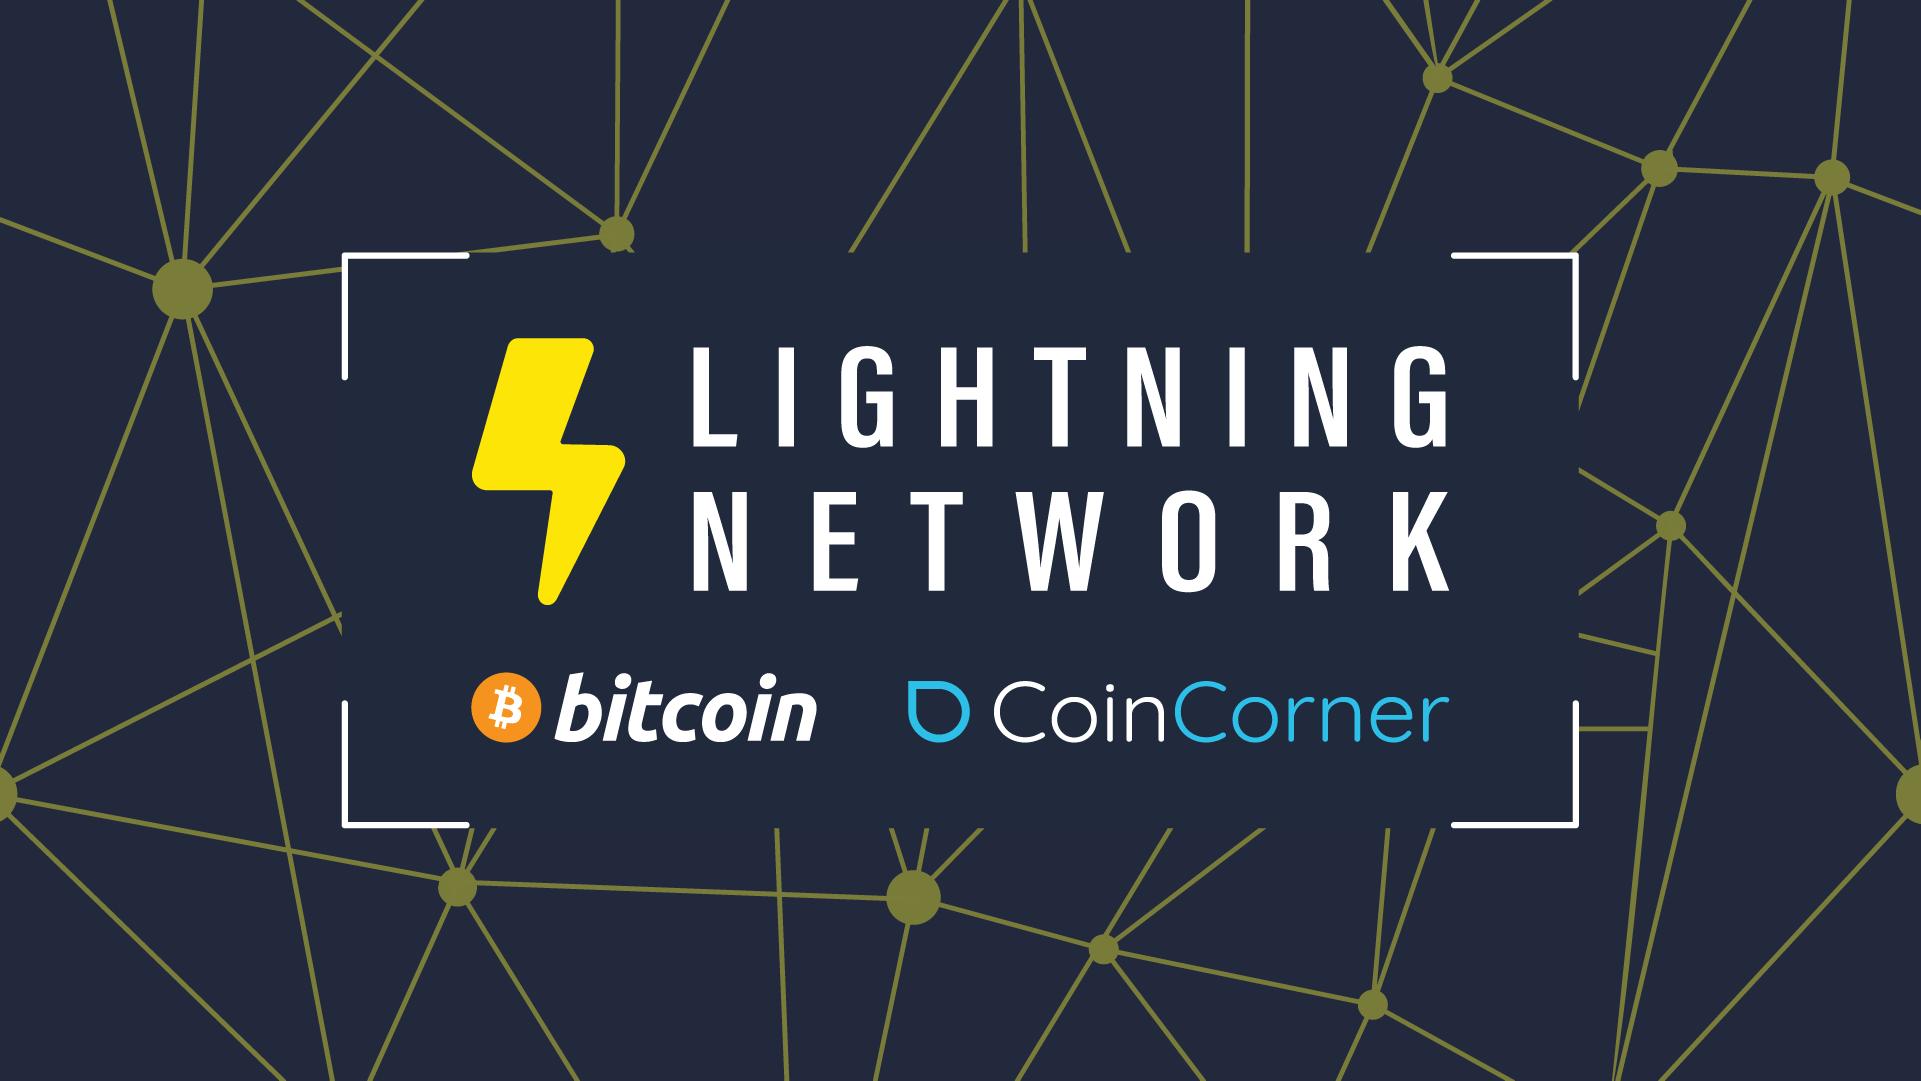 شبکه لایتنینگ